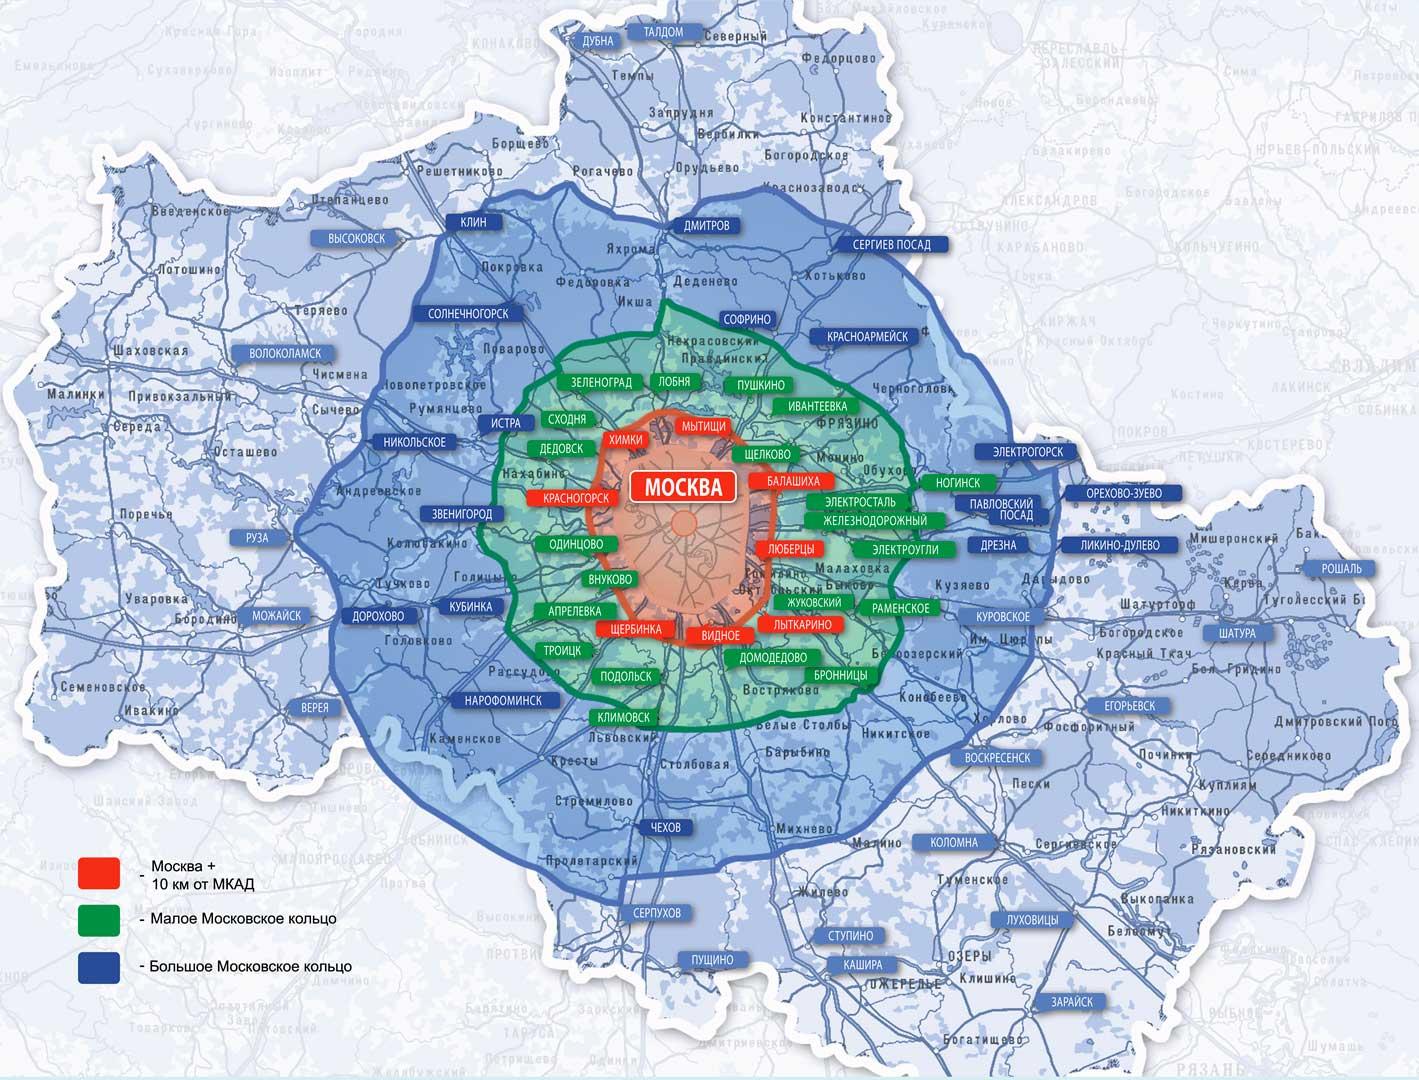 Схема железнодорожного сообщения москвы фото 204